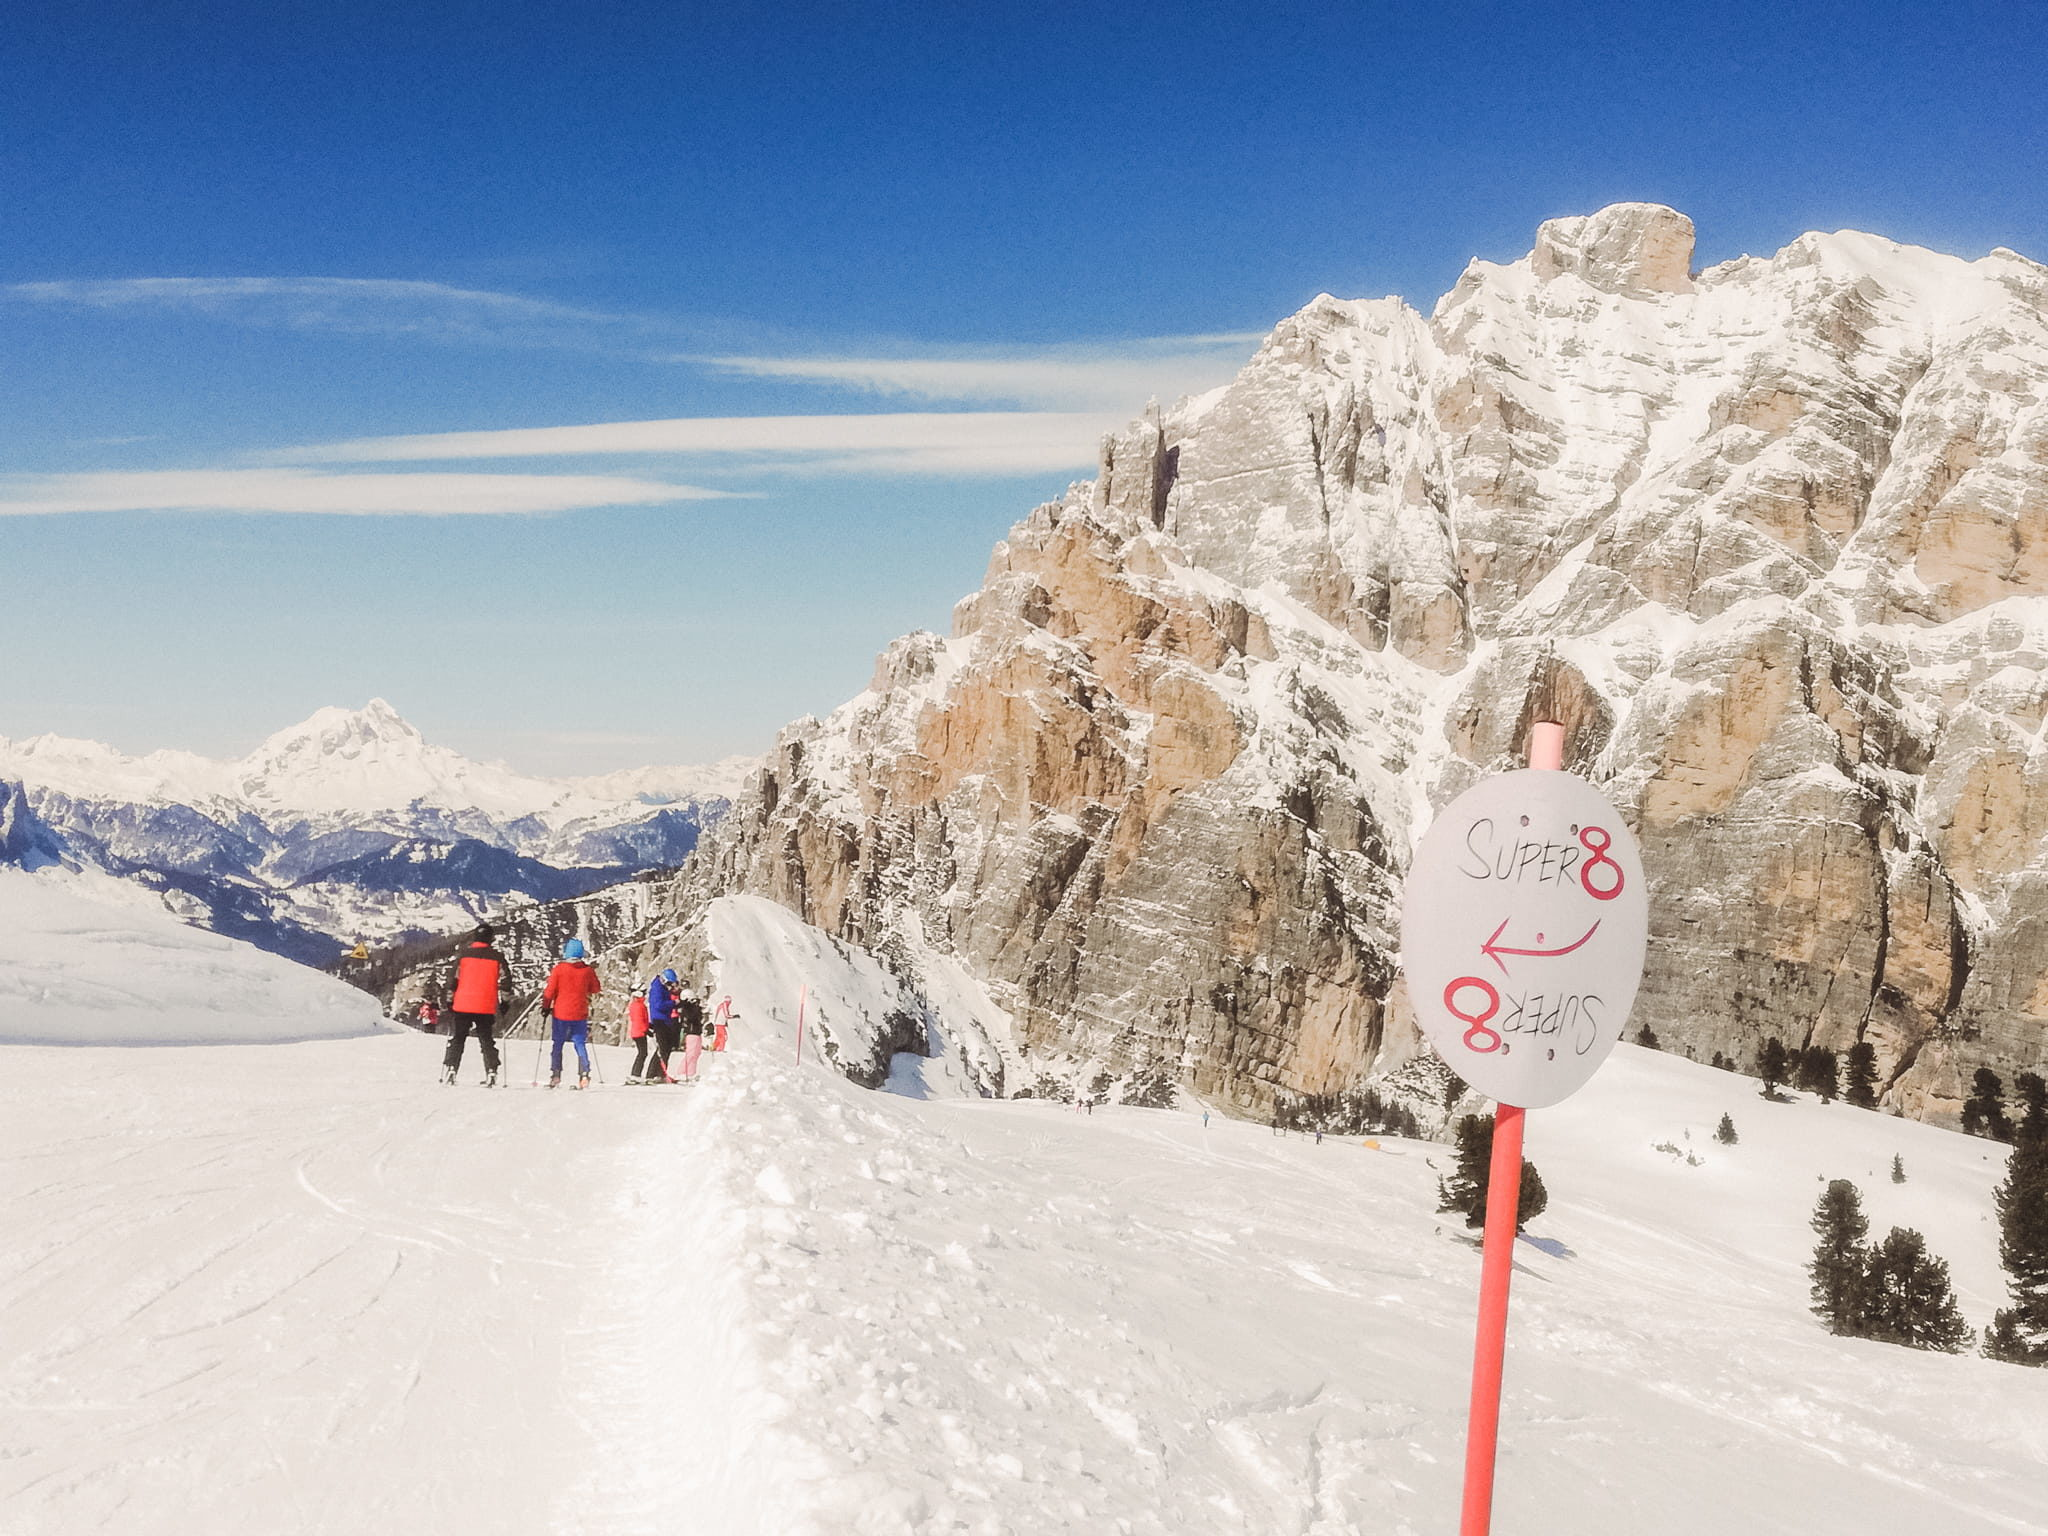 Super 8 Dolomiti Superski Lagazuoi